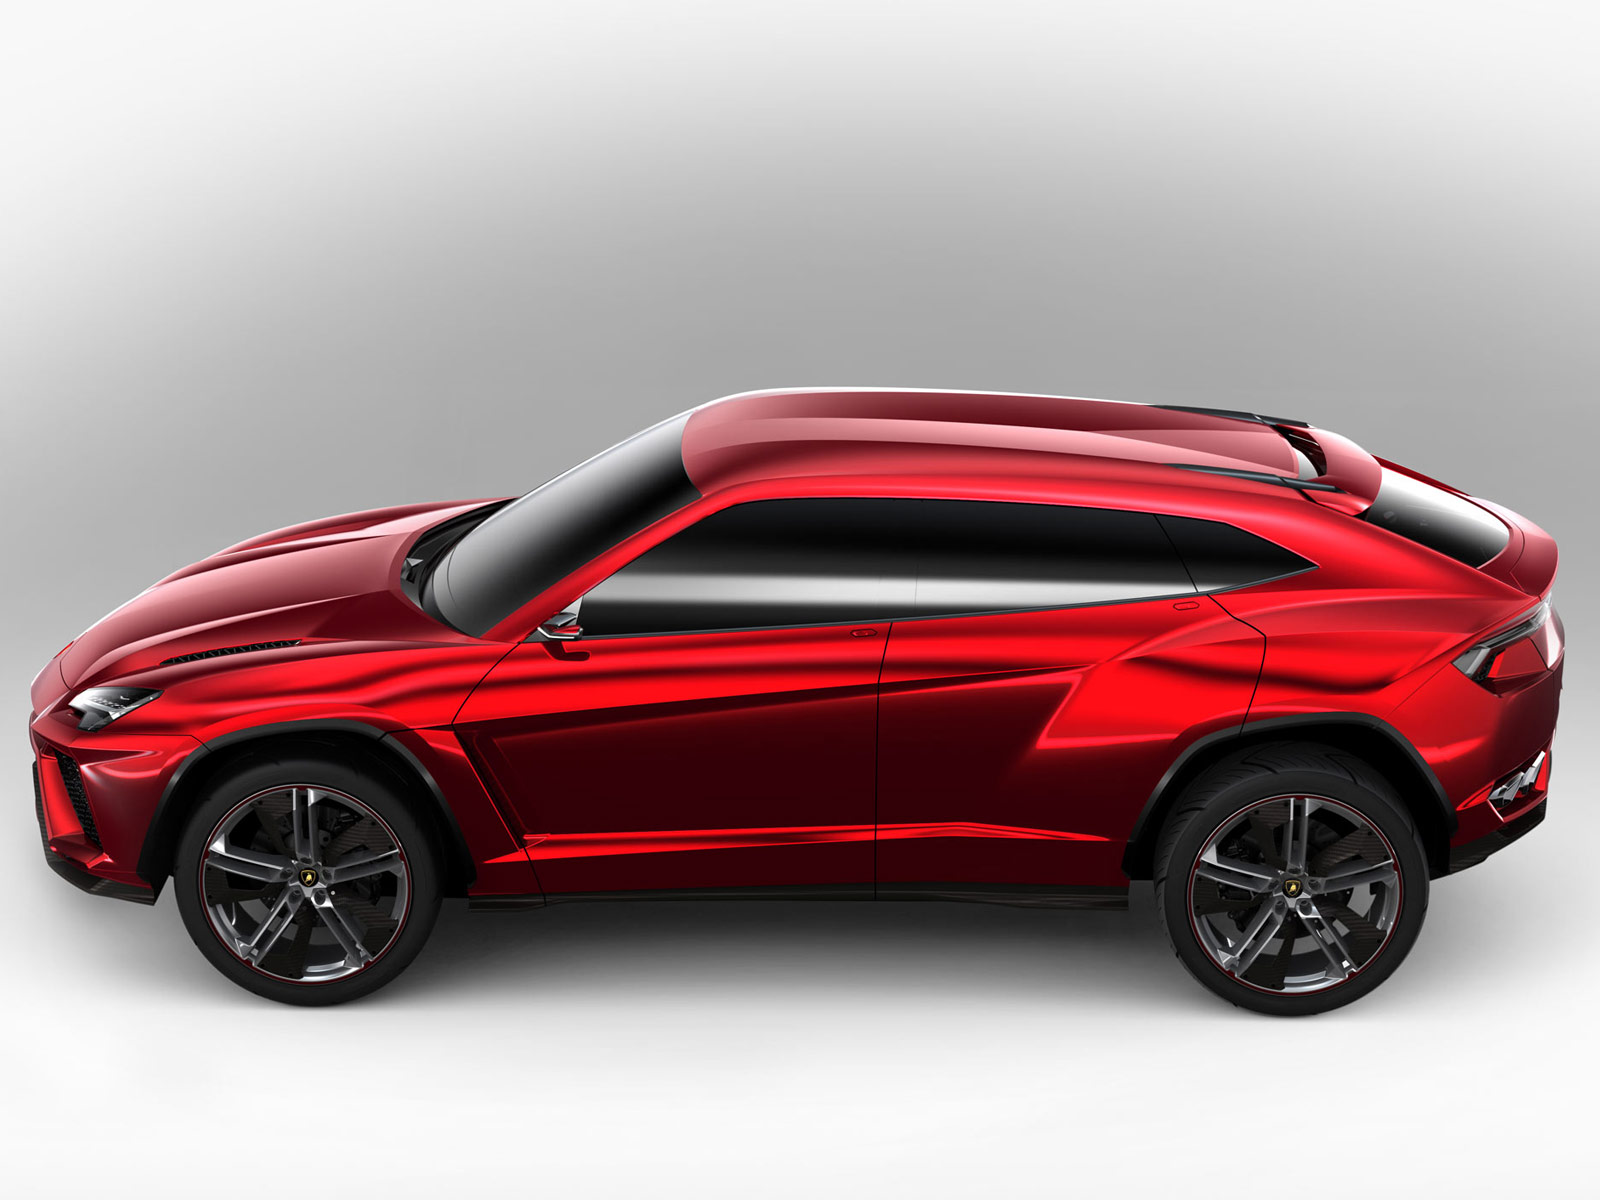 2012 Lamborghini Urus Concept Auto Insurance Information